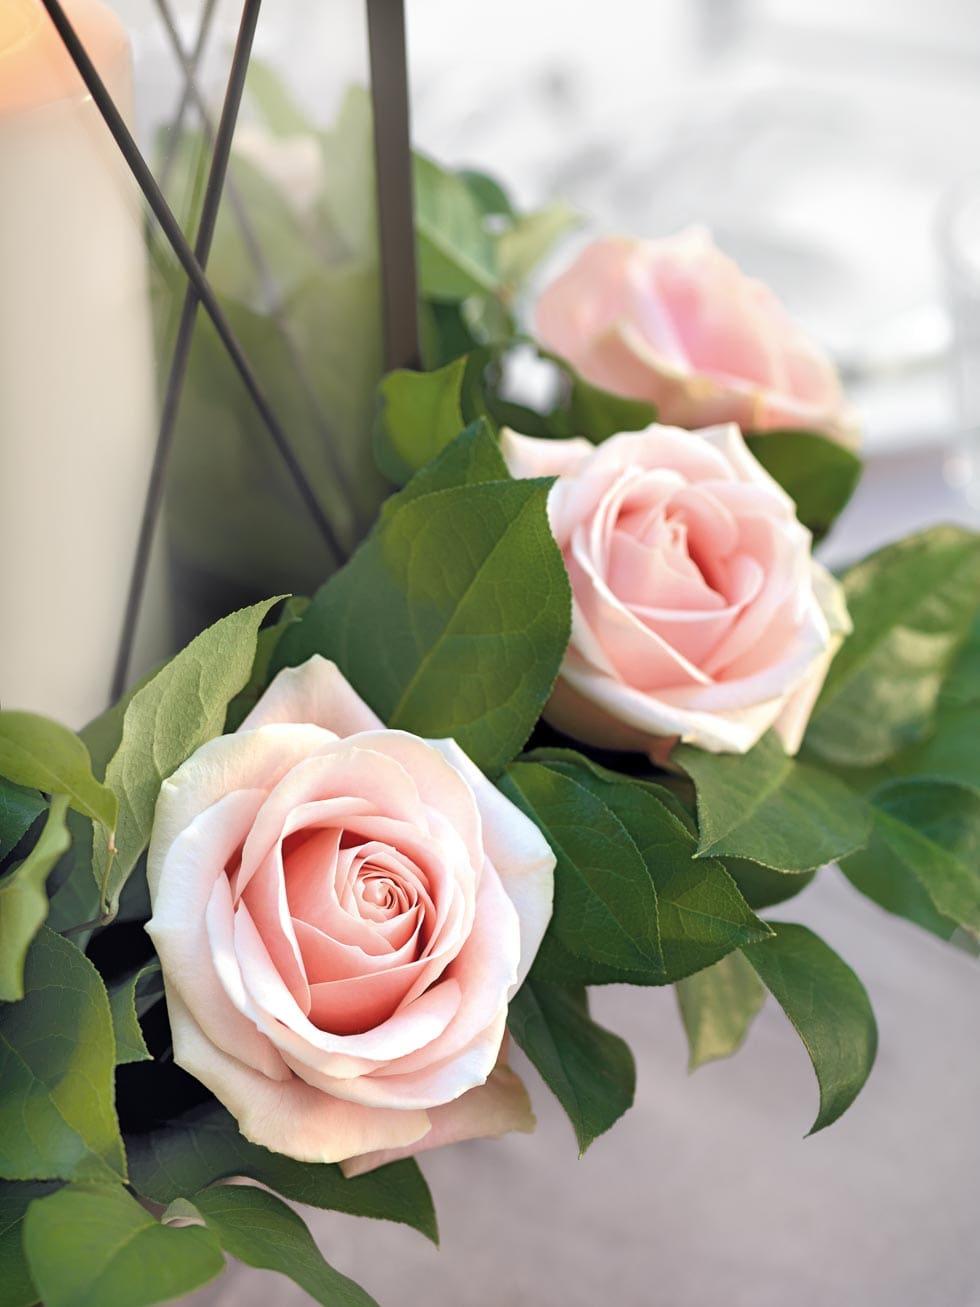 Tischdekoration rosa Rosen mit Salal-Blättern